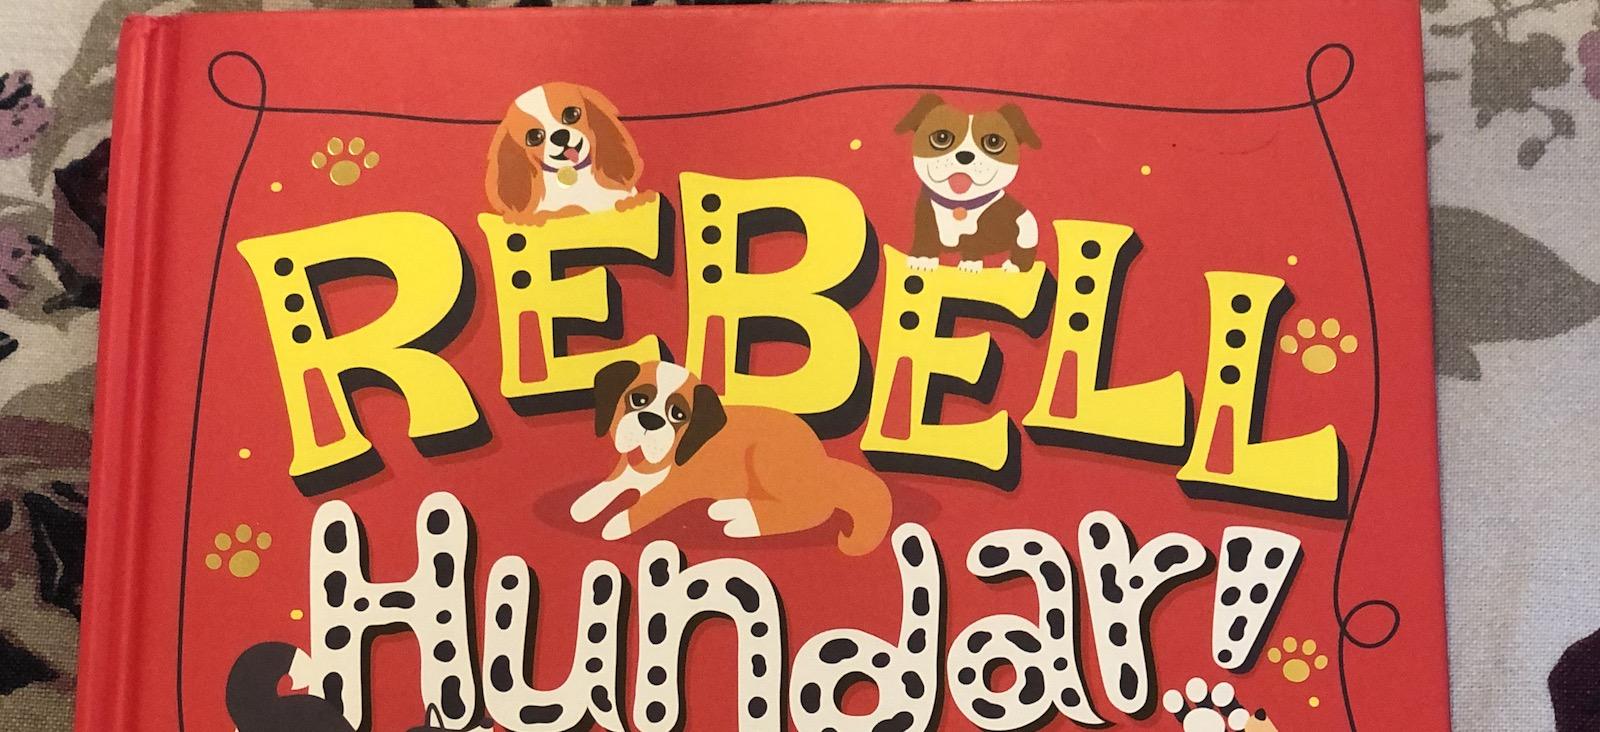 Rebell hundar!